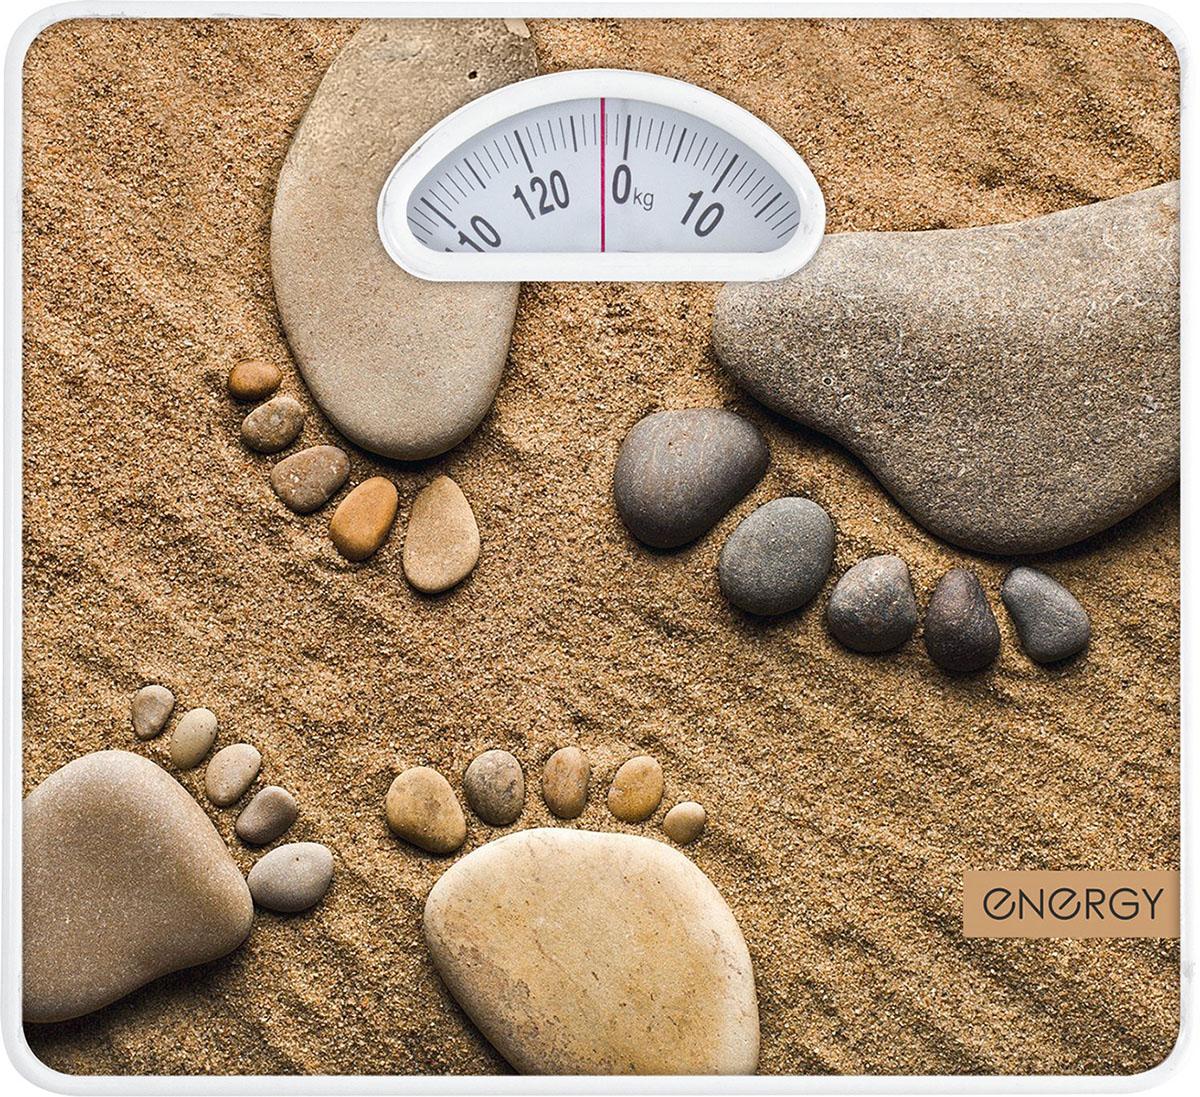 Energy ENМ-408D напольные весы54 003115Напольные механические весы Energy ENМ-408D - неотъемлемый атрибут здорового образа жизни. Они необходимытем, кто следит за своим здоровьем, весом, ведет активный образ жизни, занимается спортом и фитнесом. Оченьудобны для будущих мам, постоянно контролирующих прибавку в весе, также рекомендуются родителям,внимательно следящим за весом своих детей.Надежный механизм Крупный шрифт надписей на шкале Цена деления: 1 кг